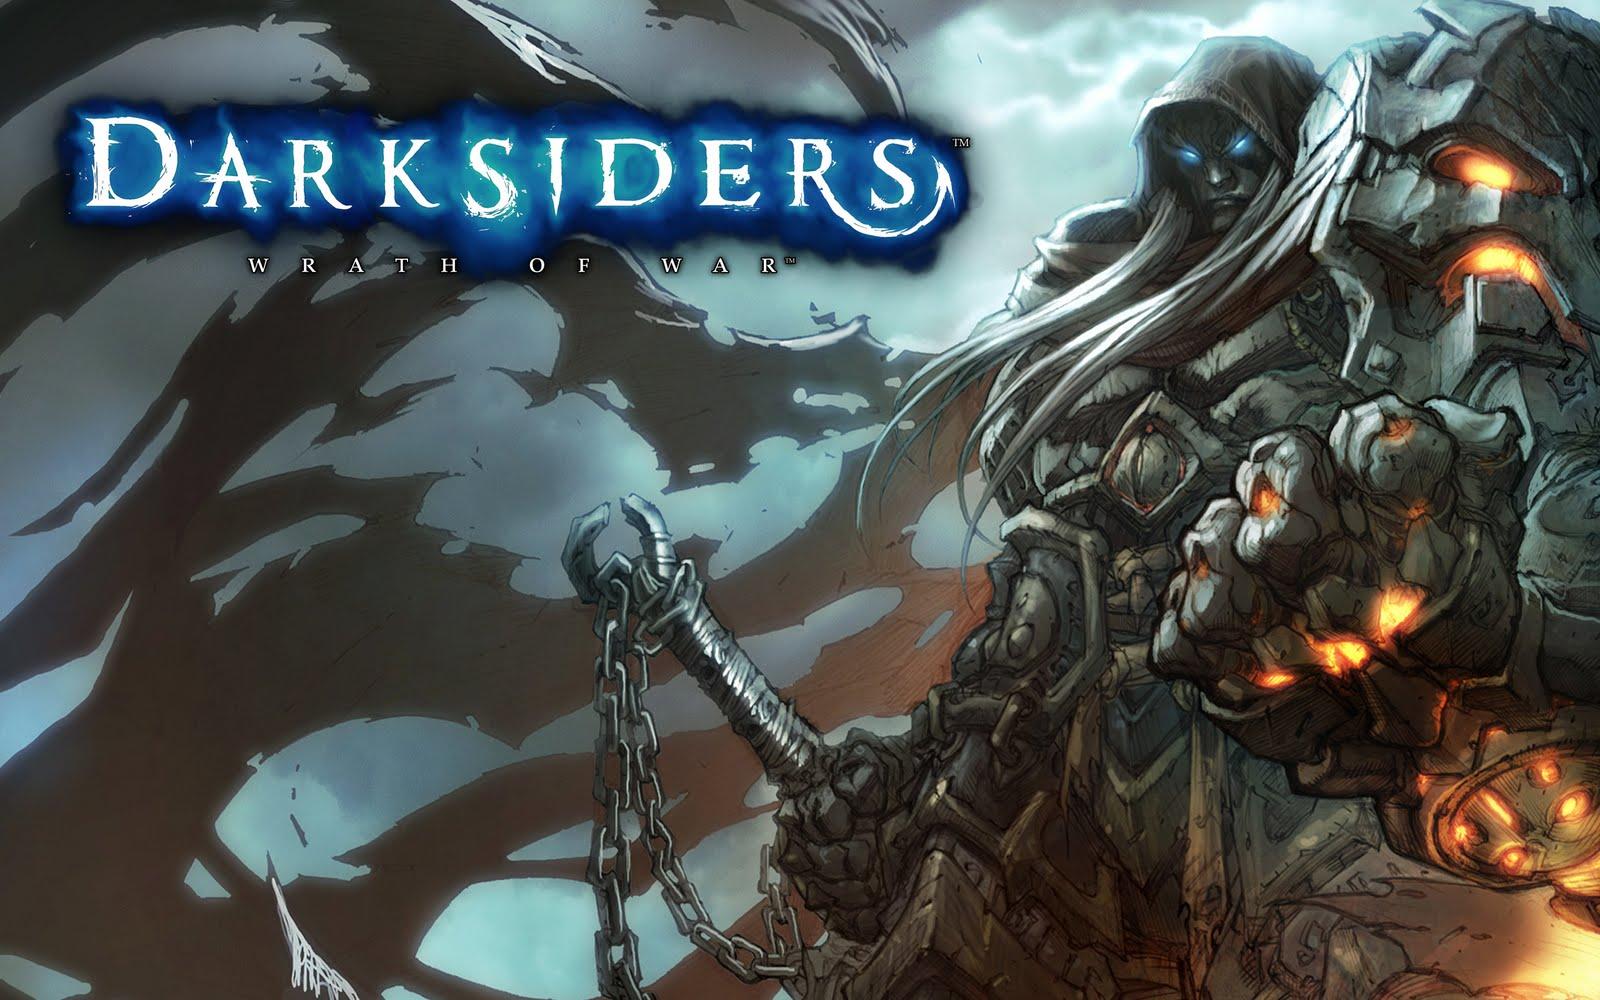 http://1.bp.blogspot.com/_j6hb7P0UBkc/TN8tq7KApdI/AAAAAAAAAE0/cKcldCJbxDI/s1600/war-darksiders-2560-1600.jpg